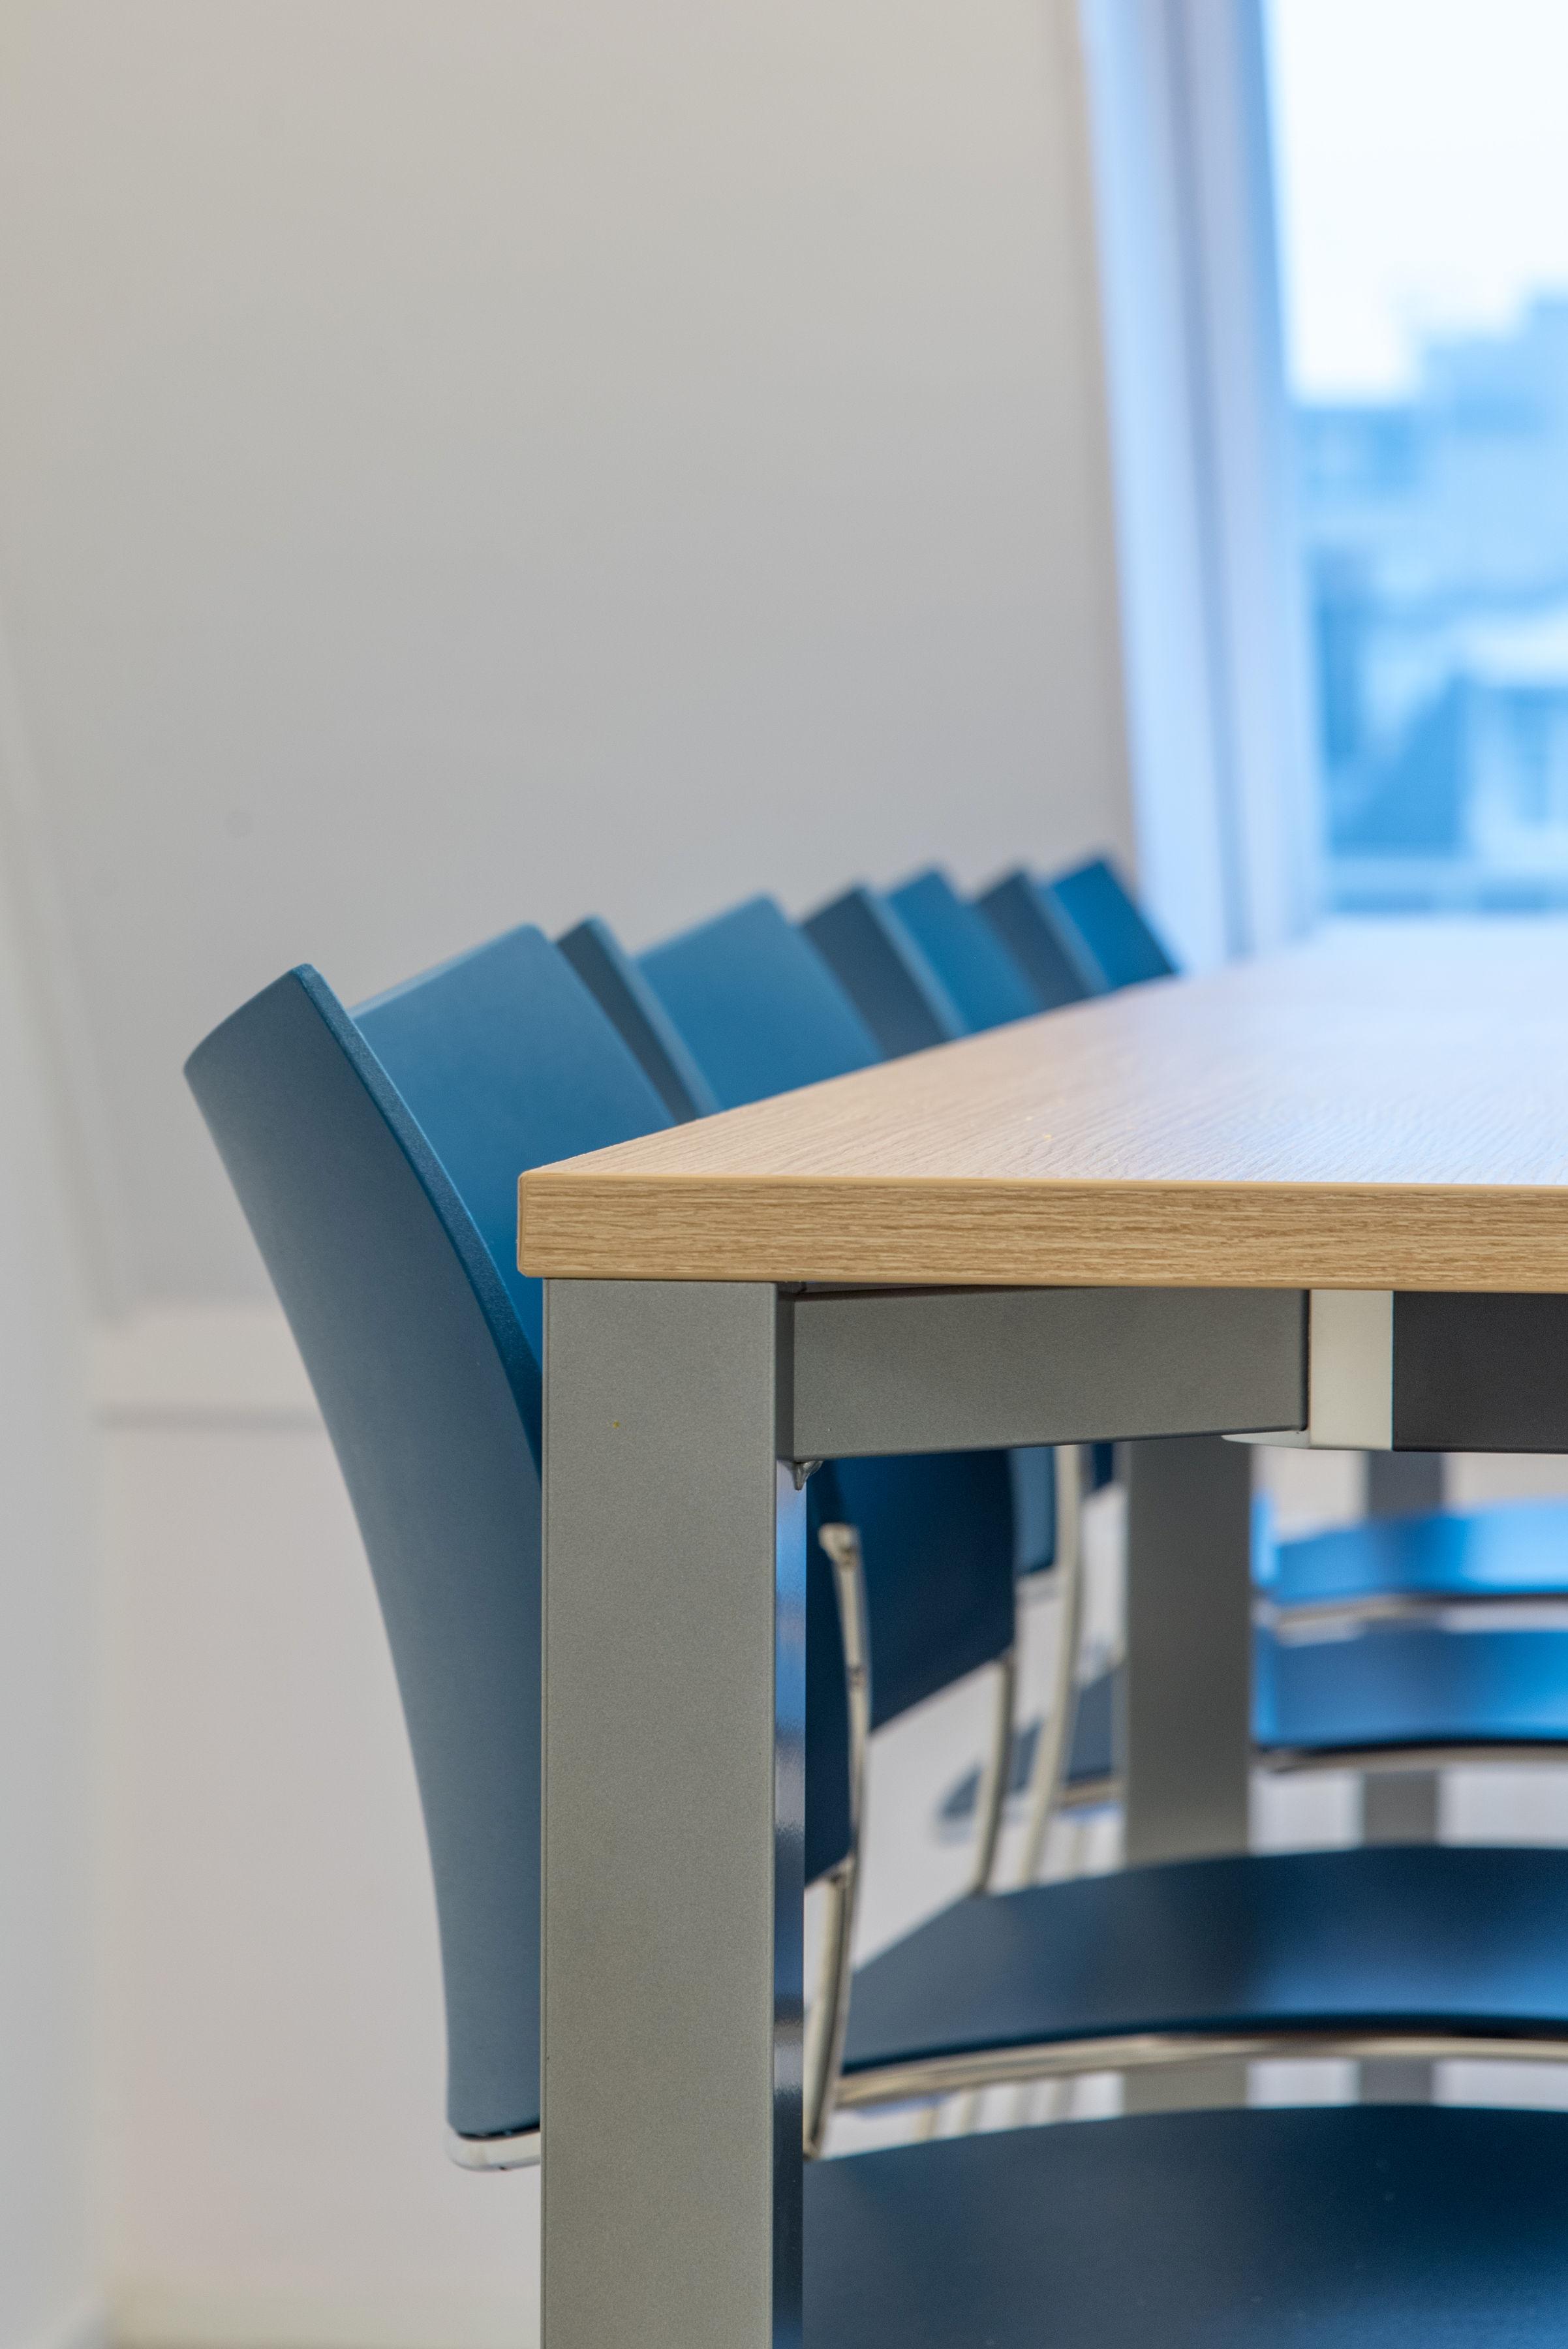 Fotografie projectinrichting close-up blauwe stoelen aan tafel